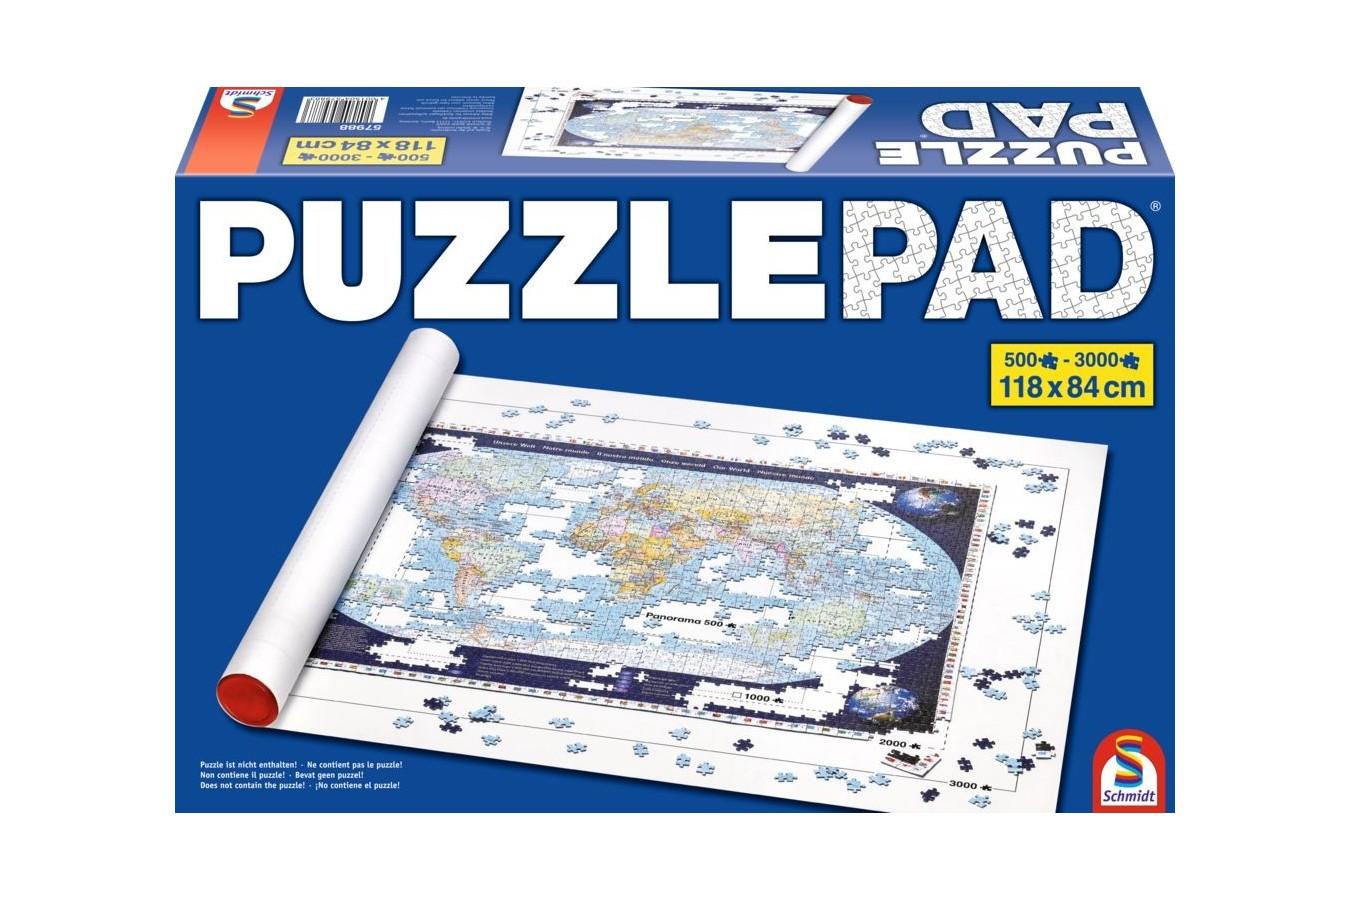 Suport rulat puzzle Schmidt pana la 3.000 piese imagine